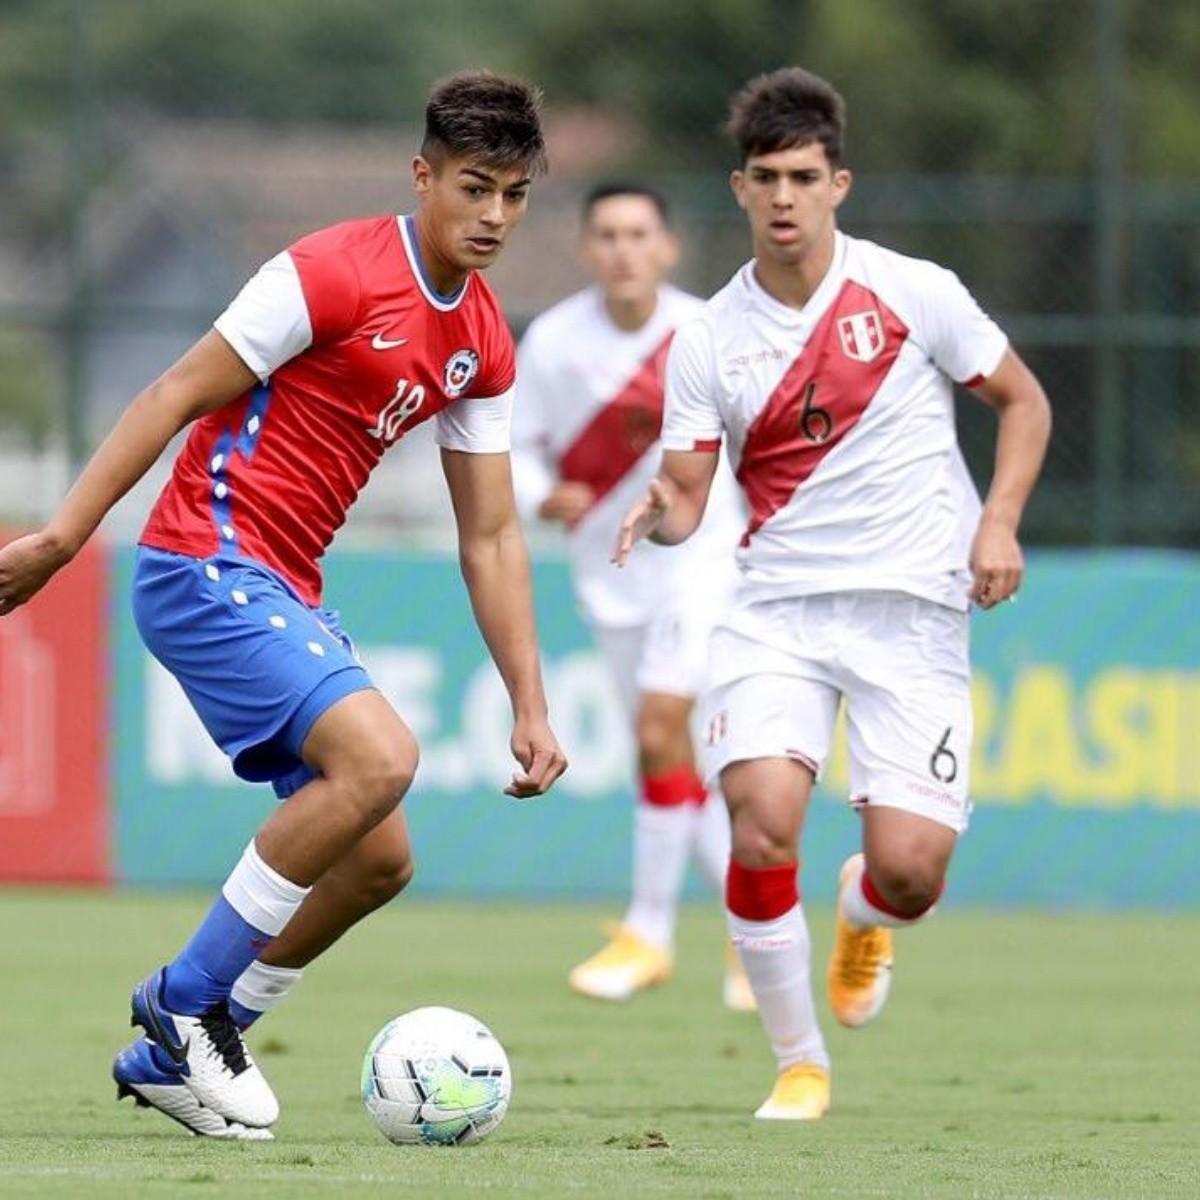 Selección chilena sub 20: la Roja debuta con victoria ante Perú en el cuadrangular de Perú | RedGol